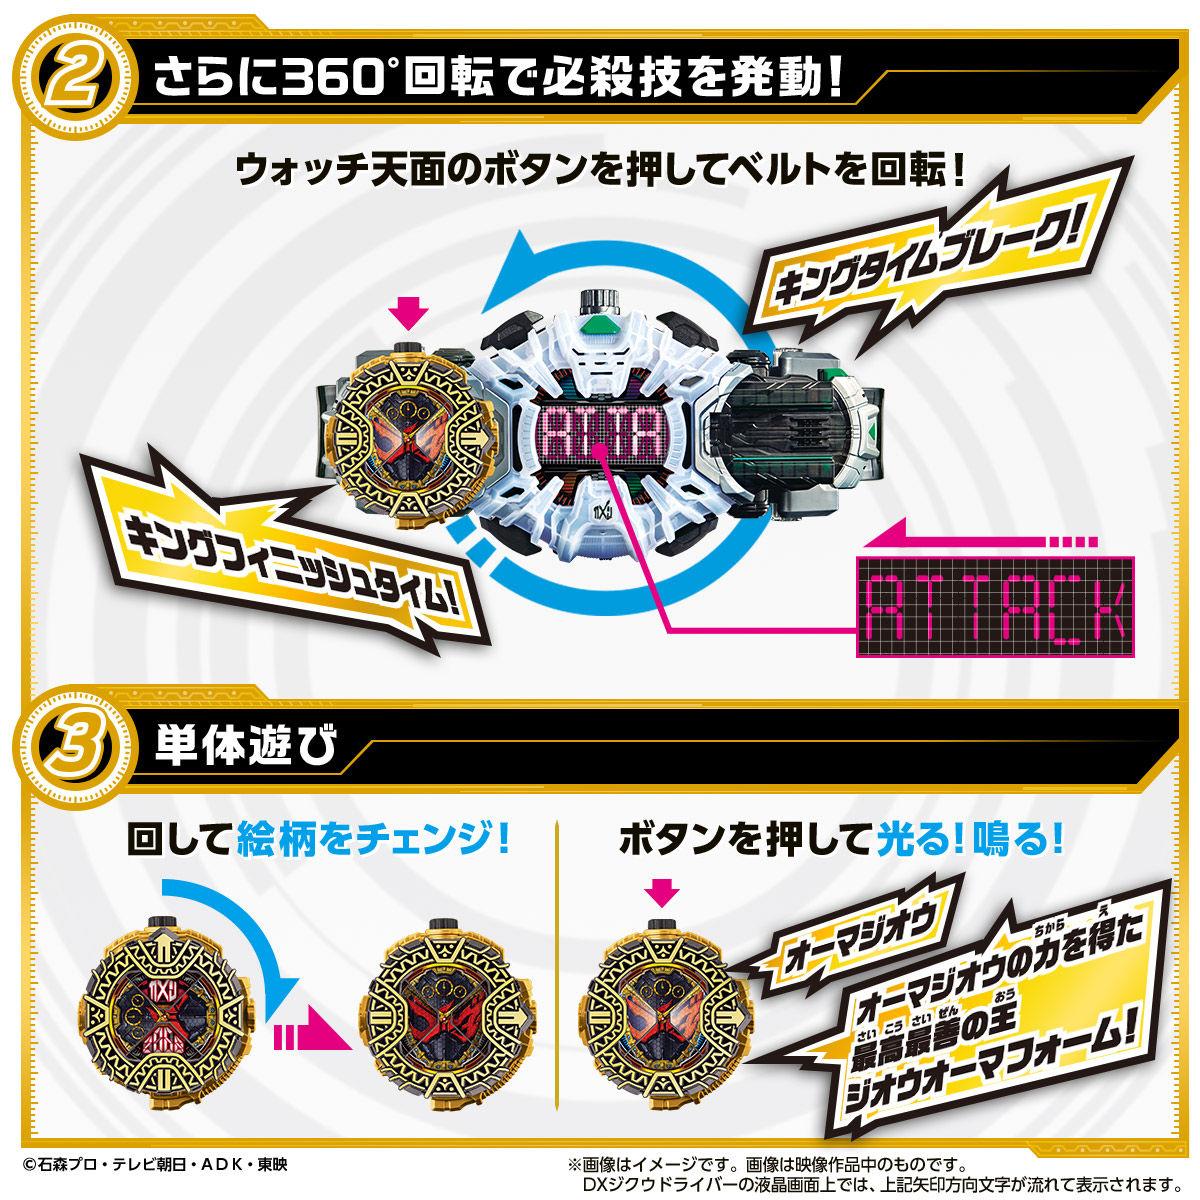 【限定販売】仮面ライダージオウ『DXオーマジオウライドウォッチ』変身なりきり-003